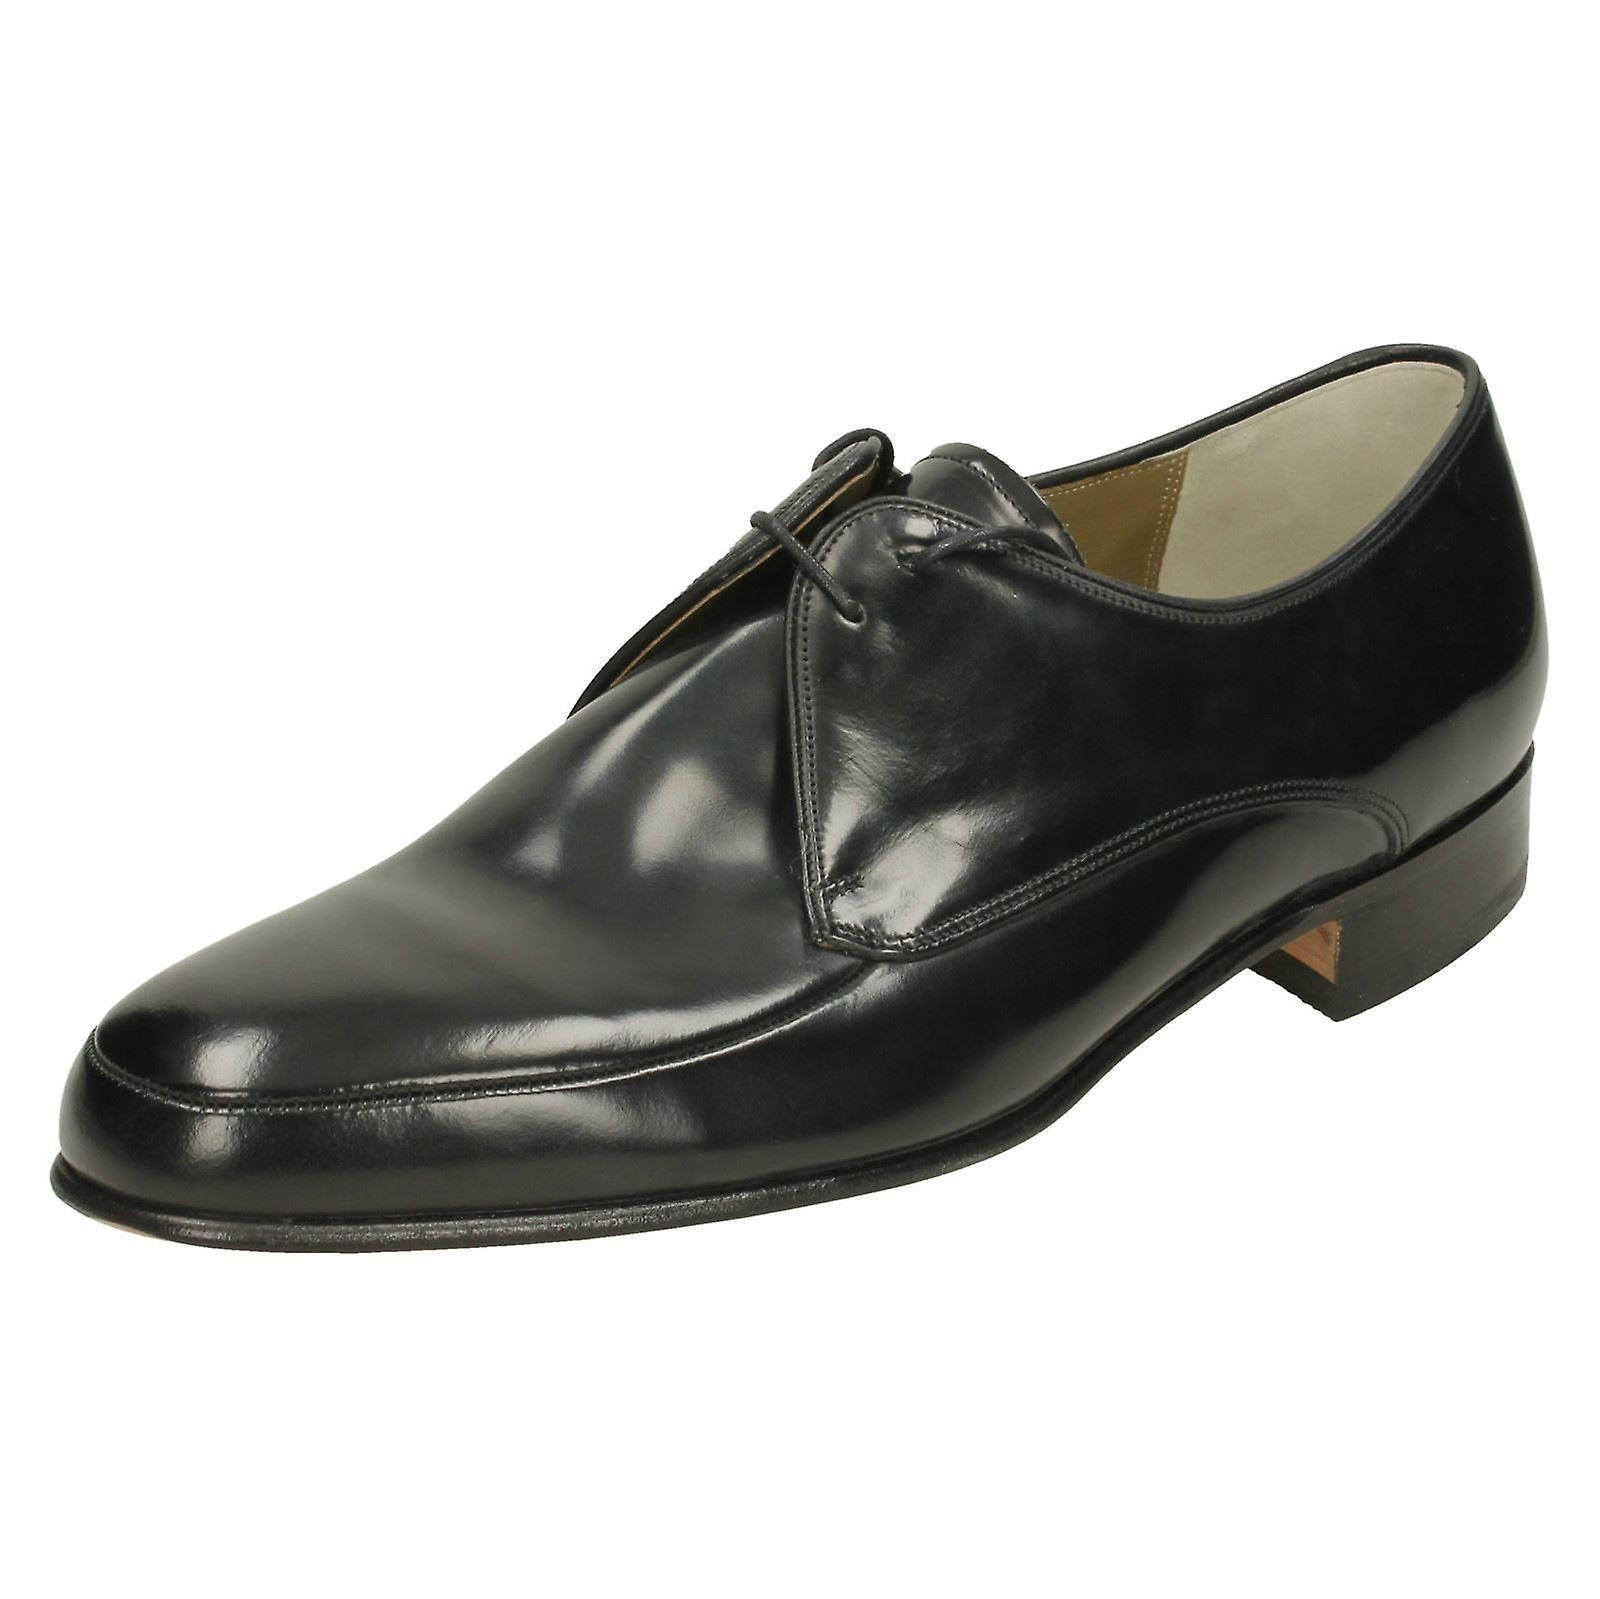 Mens Barker formale Schuhe Chesham